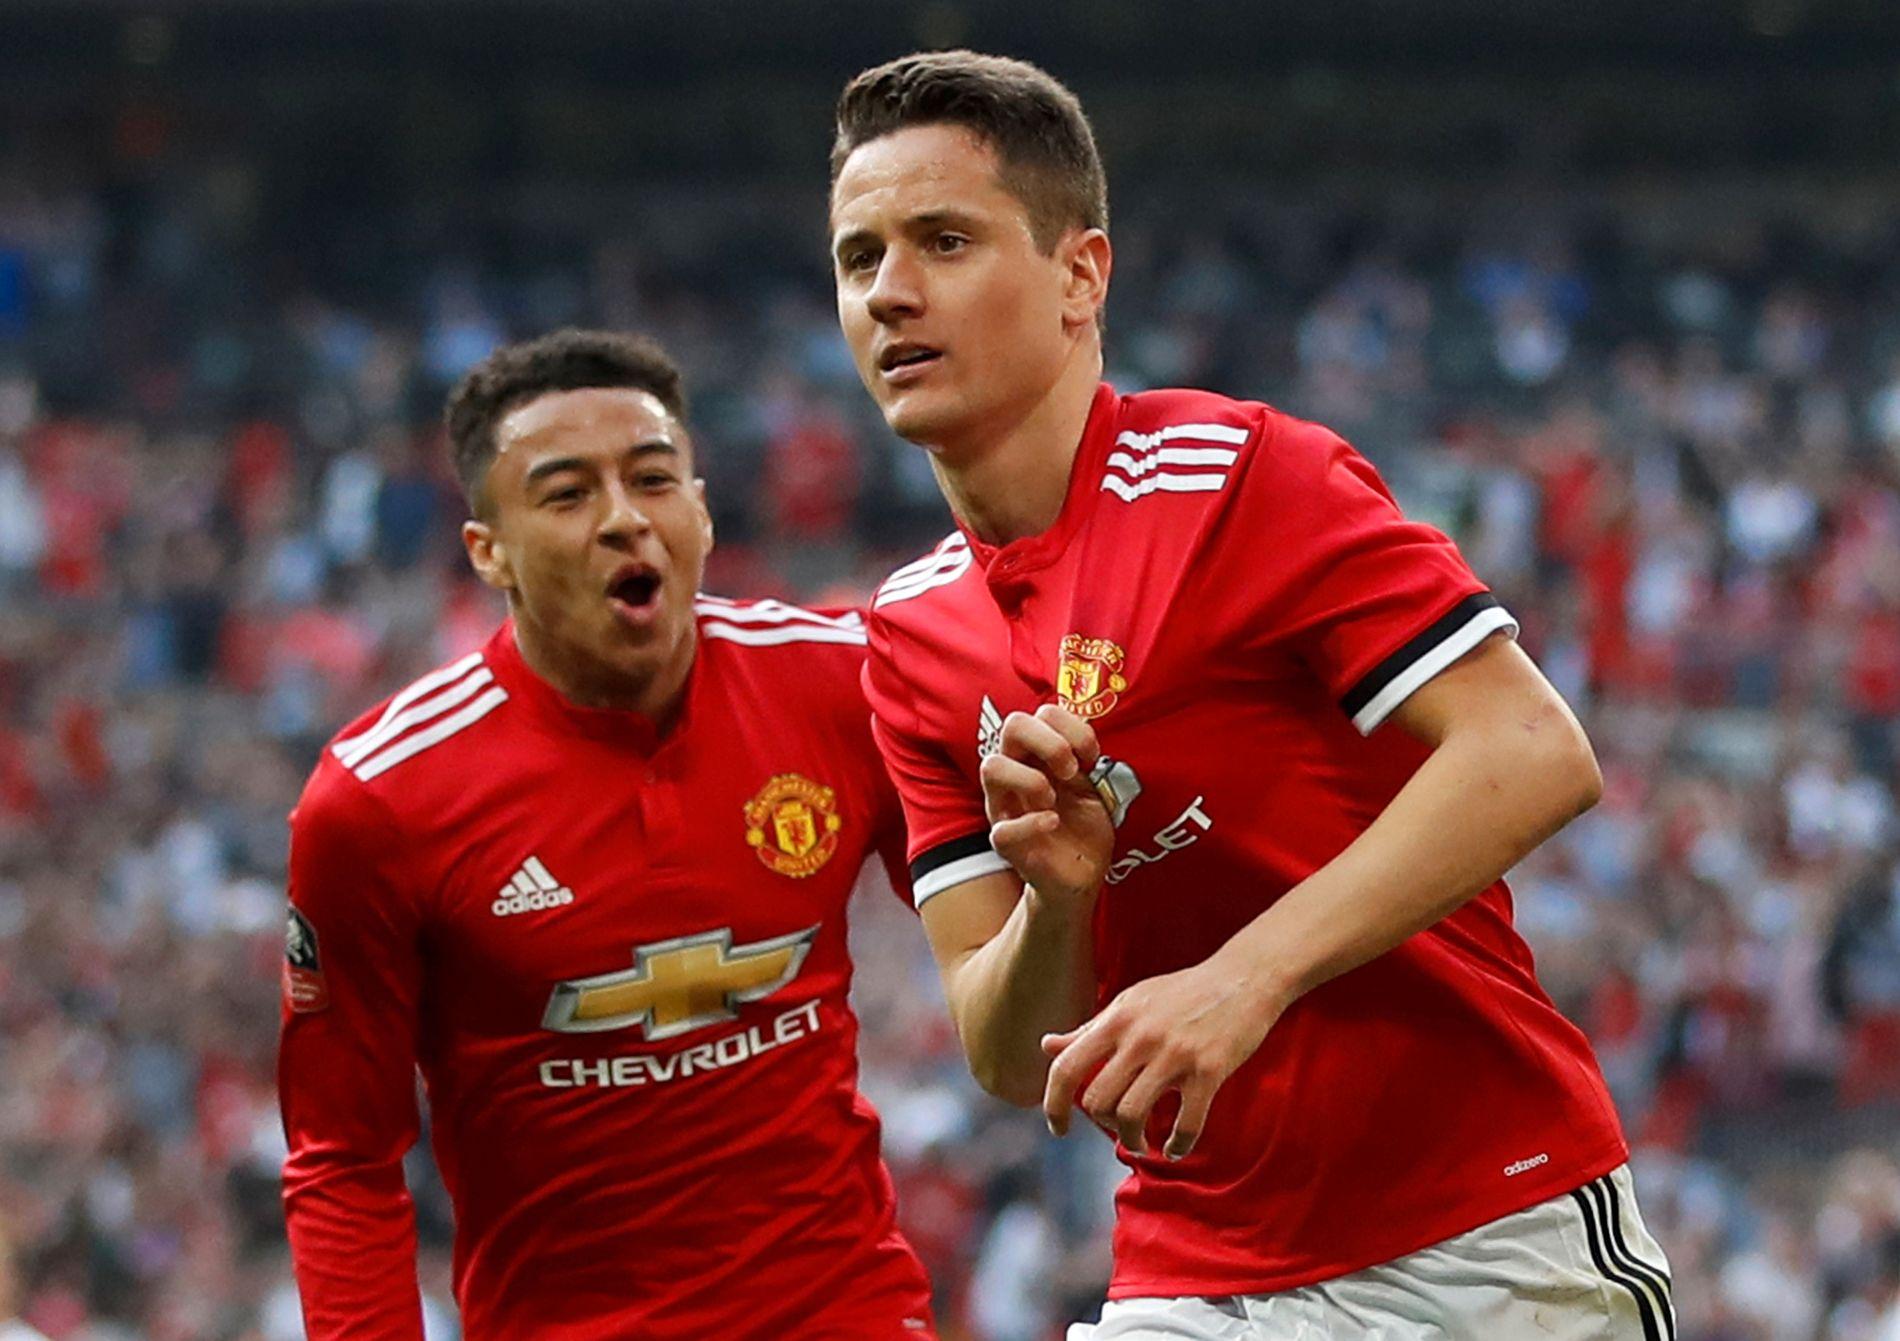 MATCHVINNER: Ander Herrera satte inn den avgjørende 2–1-scoringen for Manchester United. Jesse Lingard kommer jublende til.